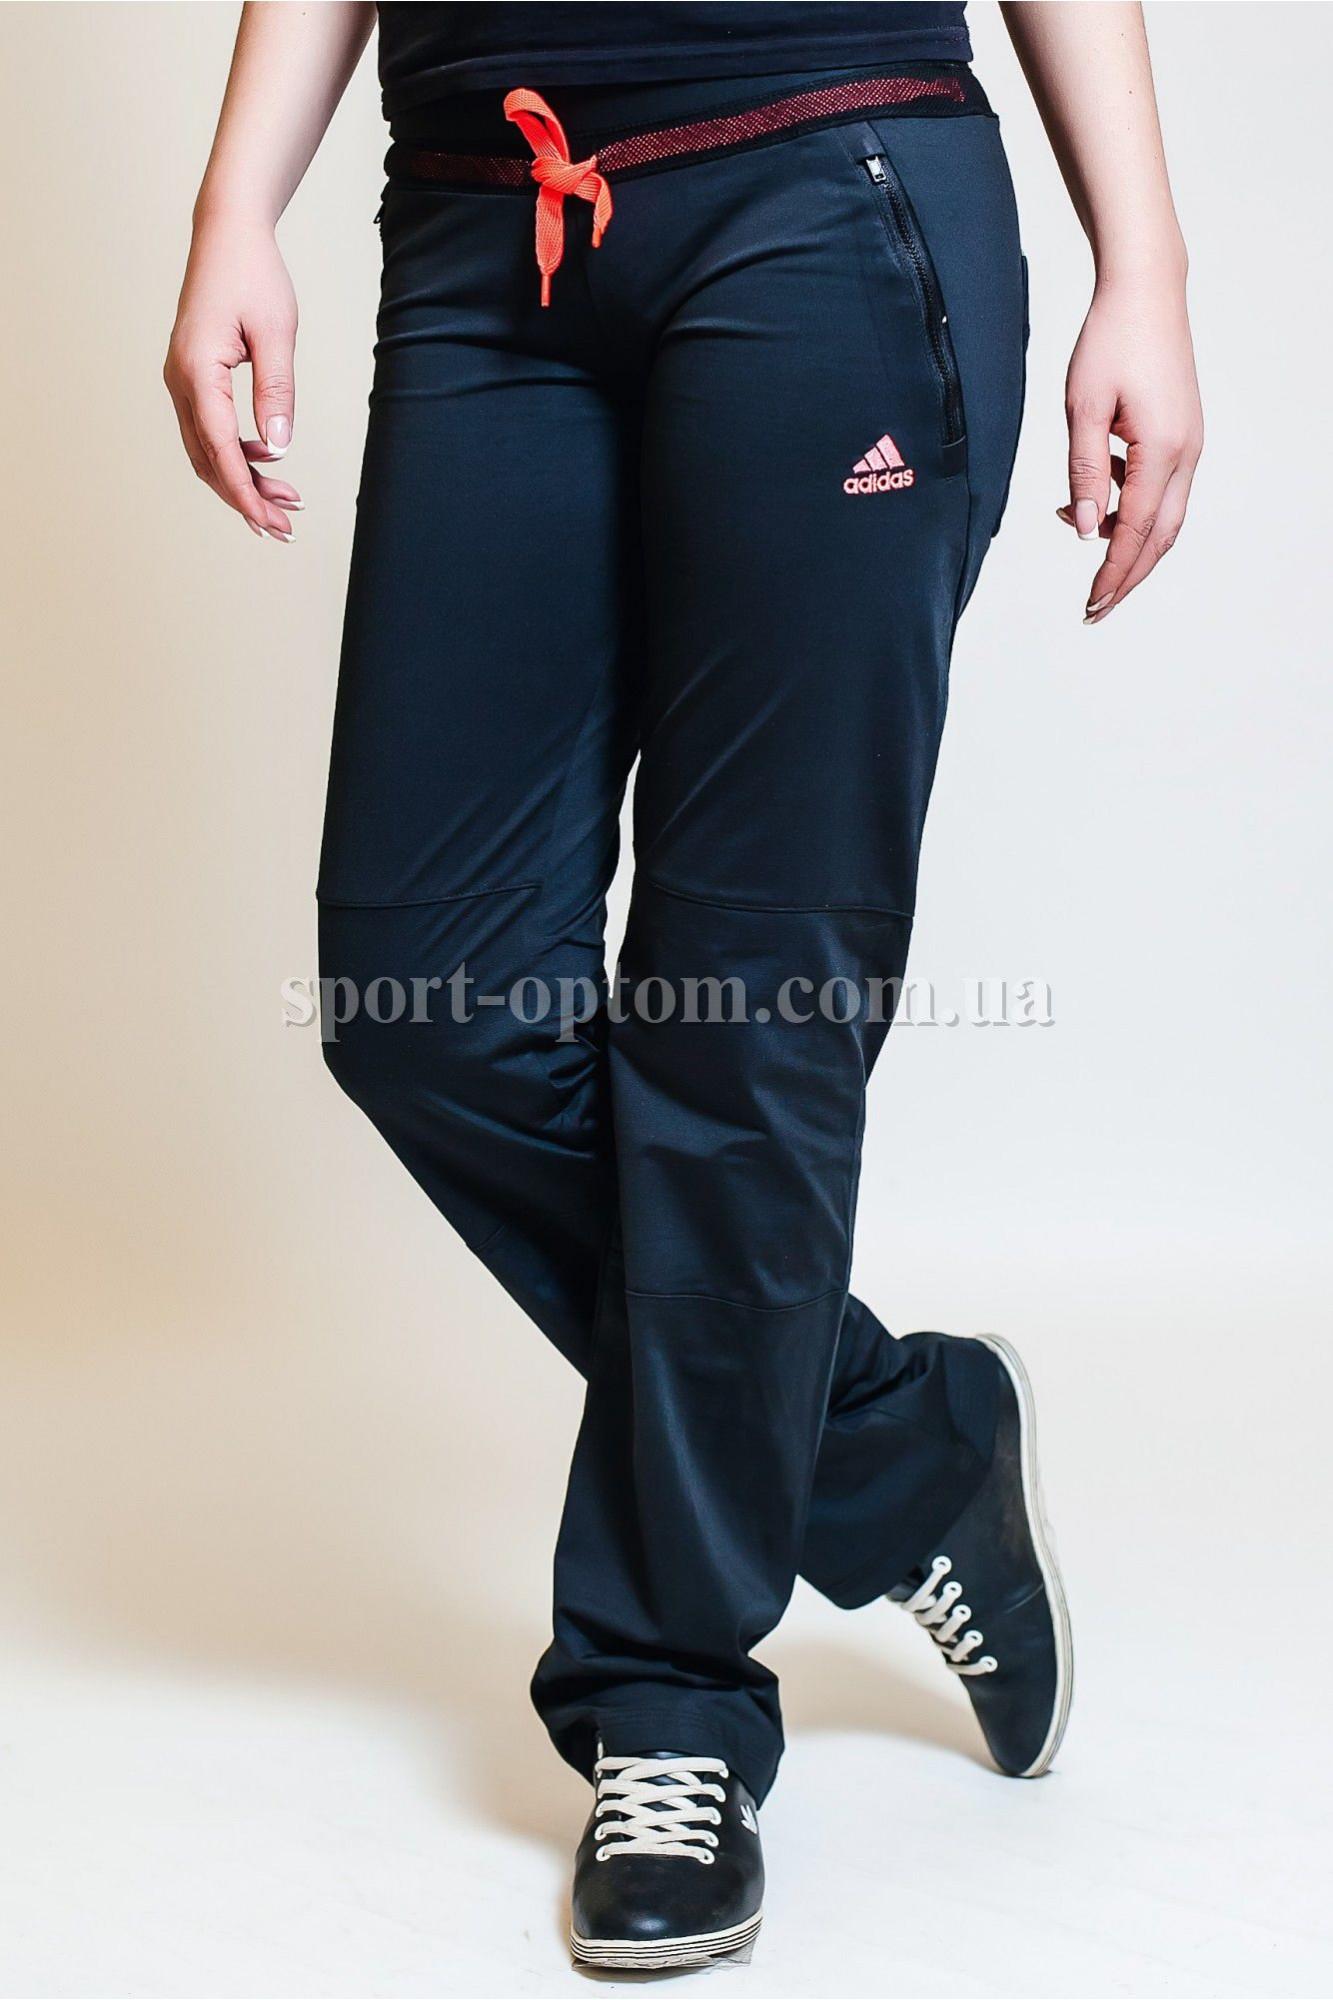 19ba72f1 Купить оптом Женский спортивные штаны Adidas 0931 турецкого ...